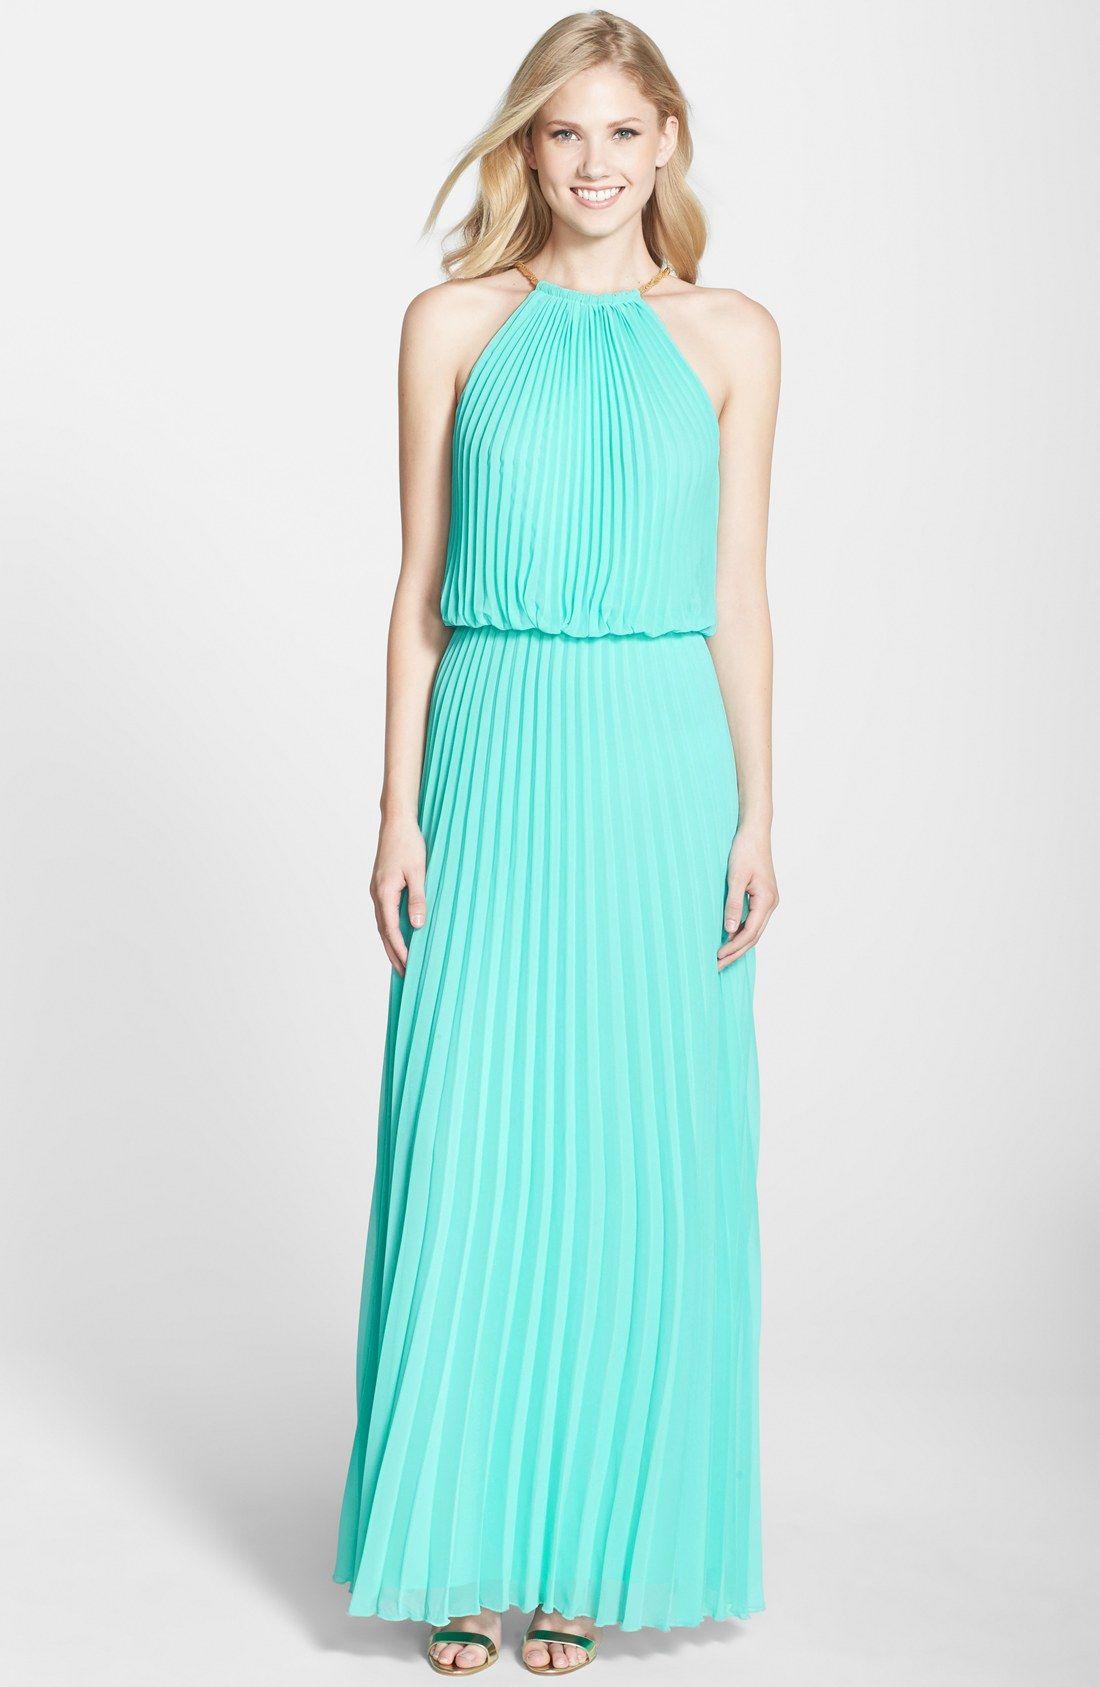 Xscape Pleated Chiffon Blouson Dress (Regular & Petite) | My Style ...